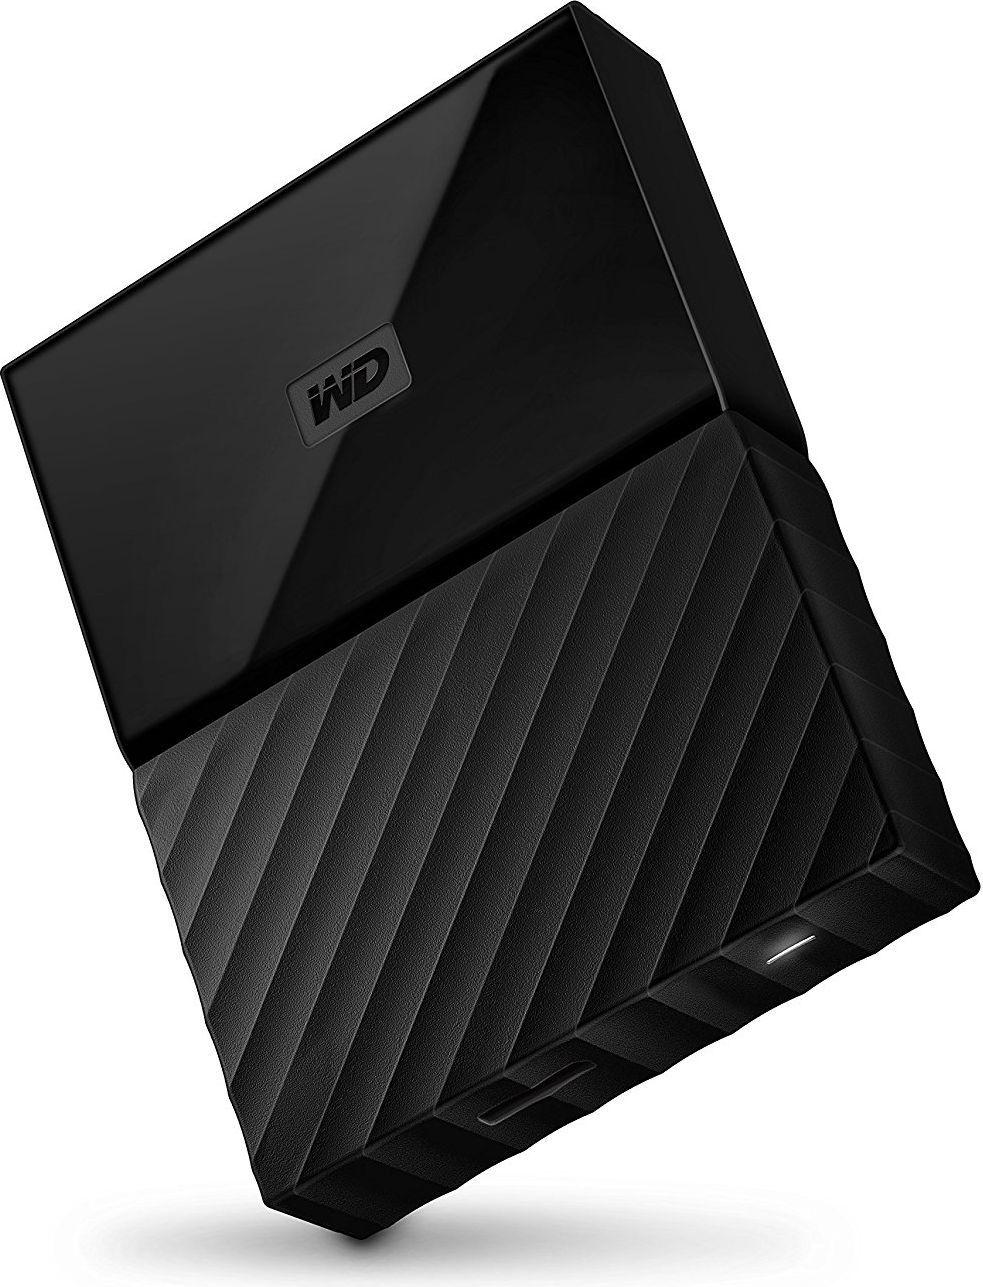 Dysk zewnętrzny Western Digital HDD My Passport 3 TB Czarny (WDBYFT0030BBK-WESN) 1